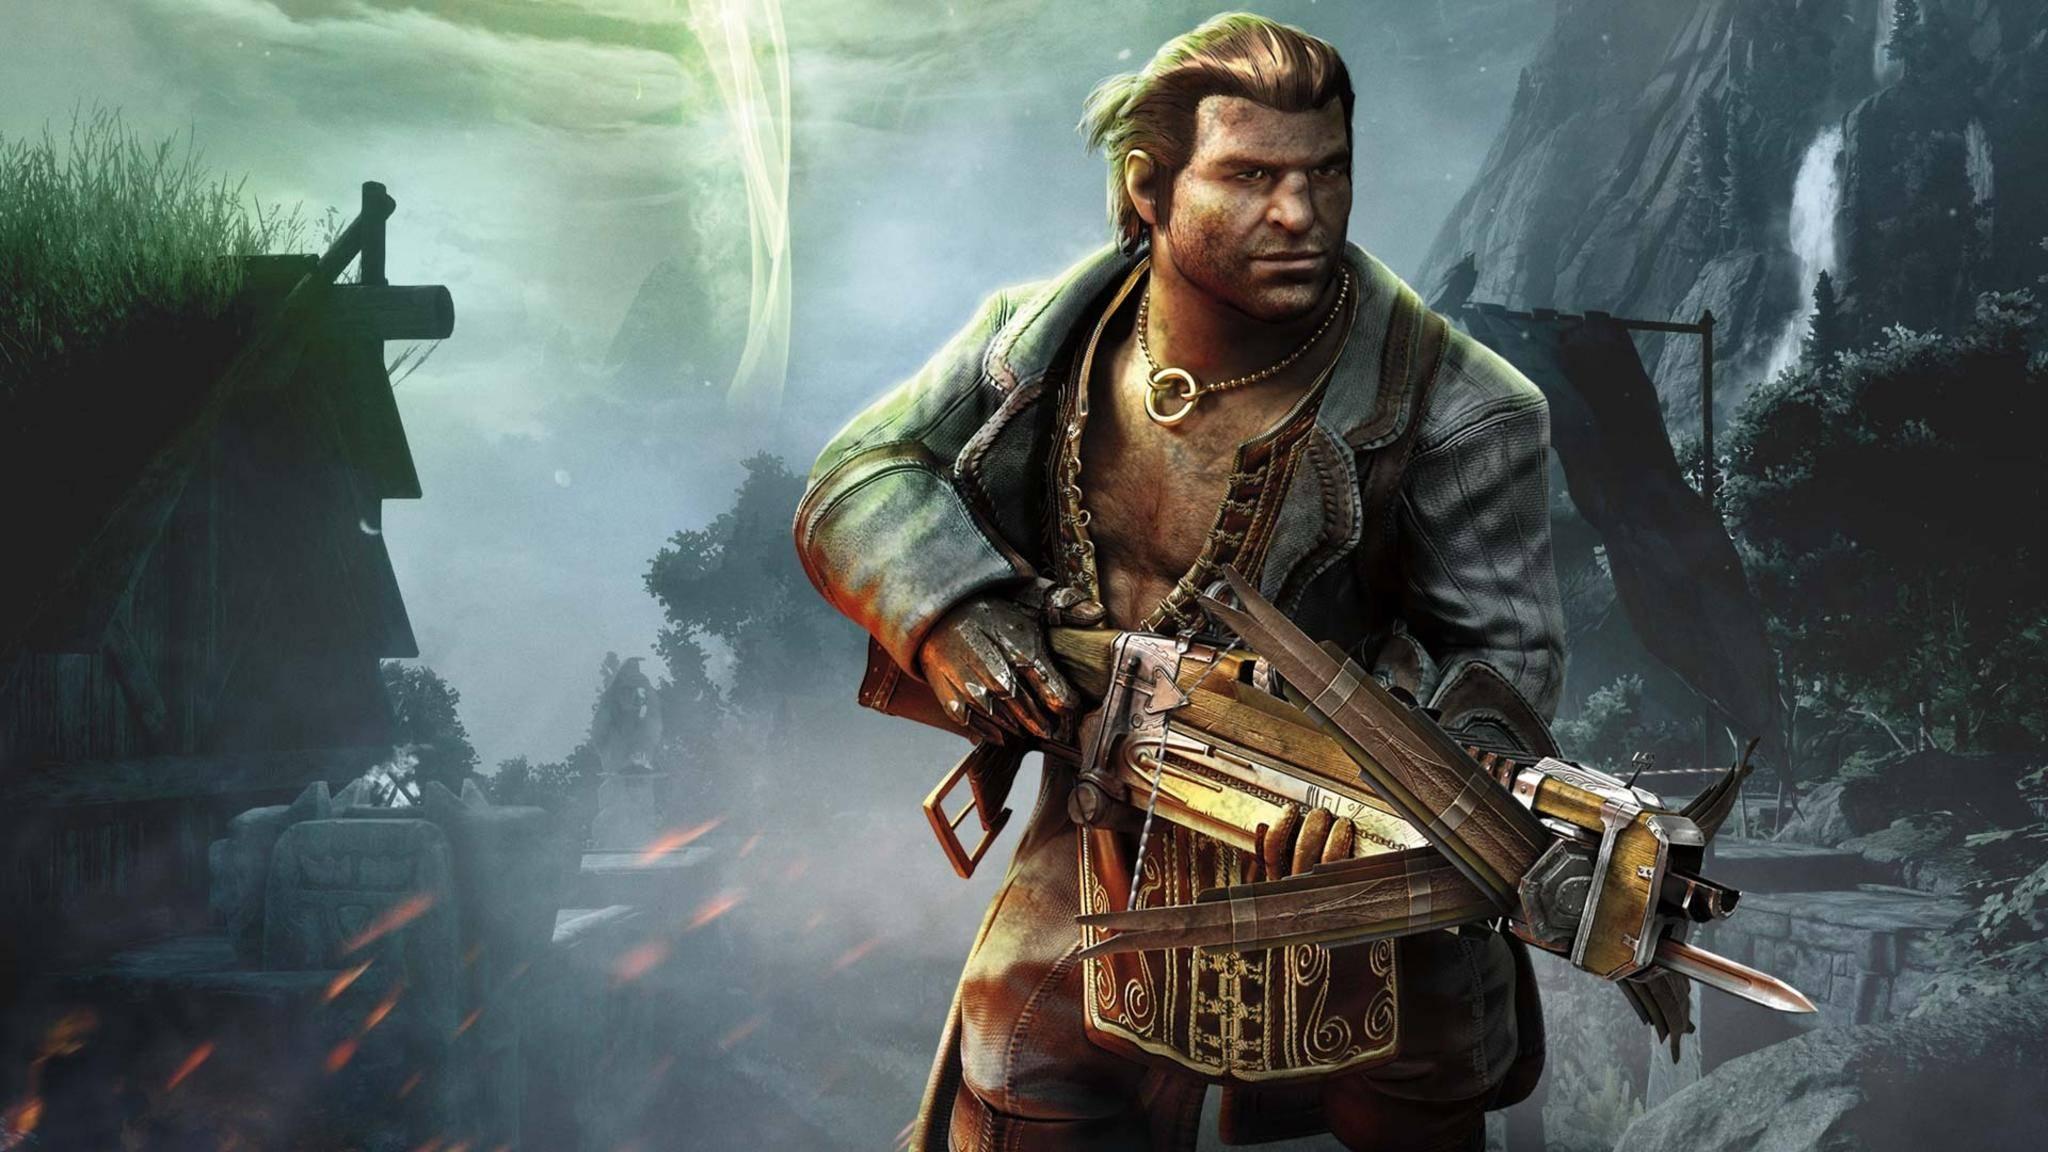 """Der Abenteurer und Geschichtenerzähler Varric aus """"Dragon Age 2"""" bringt ein echtes Buch auf den Markt."""